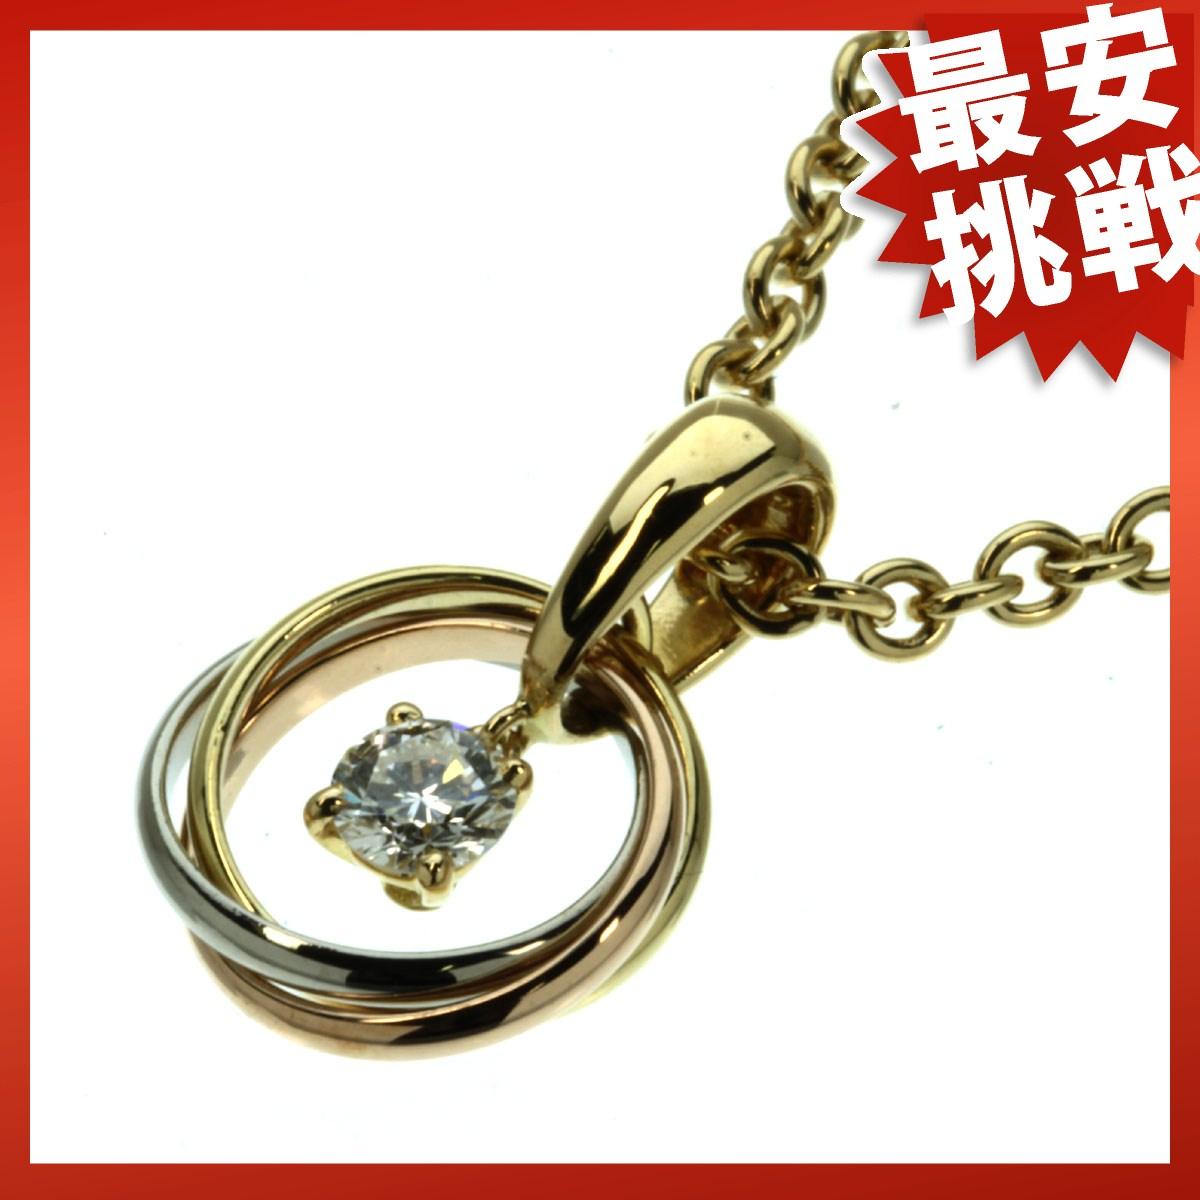 CARTIER【カルティエ】トリニティ1Pダイヤモンド ネックレス・ペンダント K18イエローゴールド レディース 【中古】